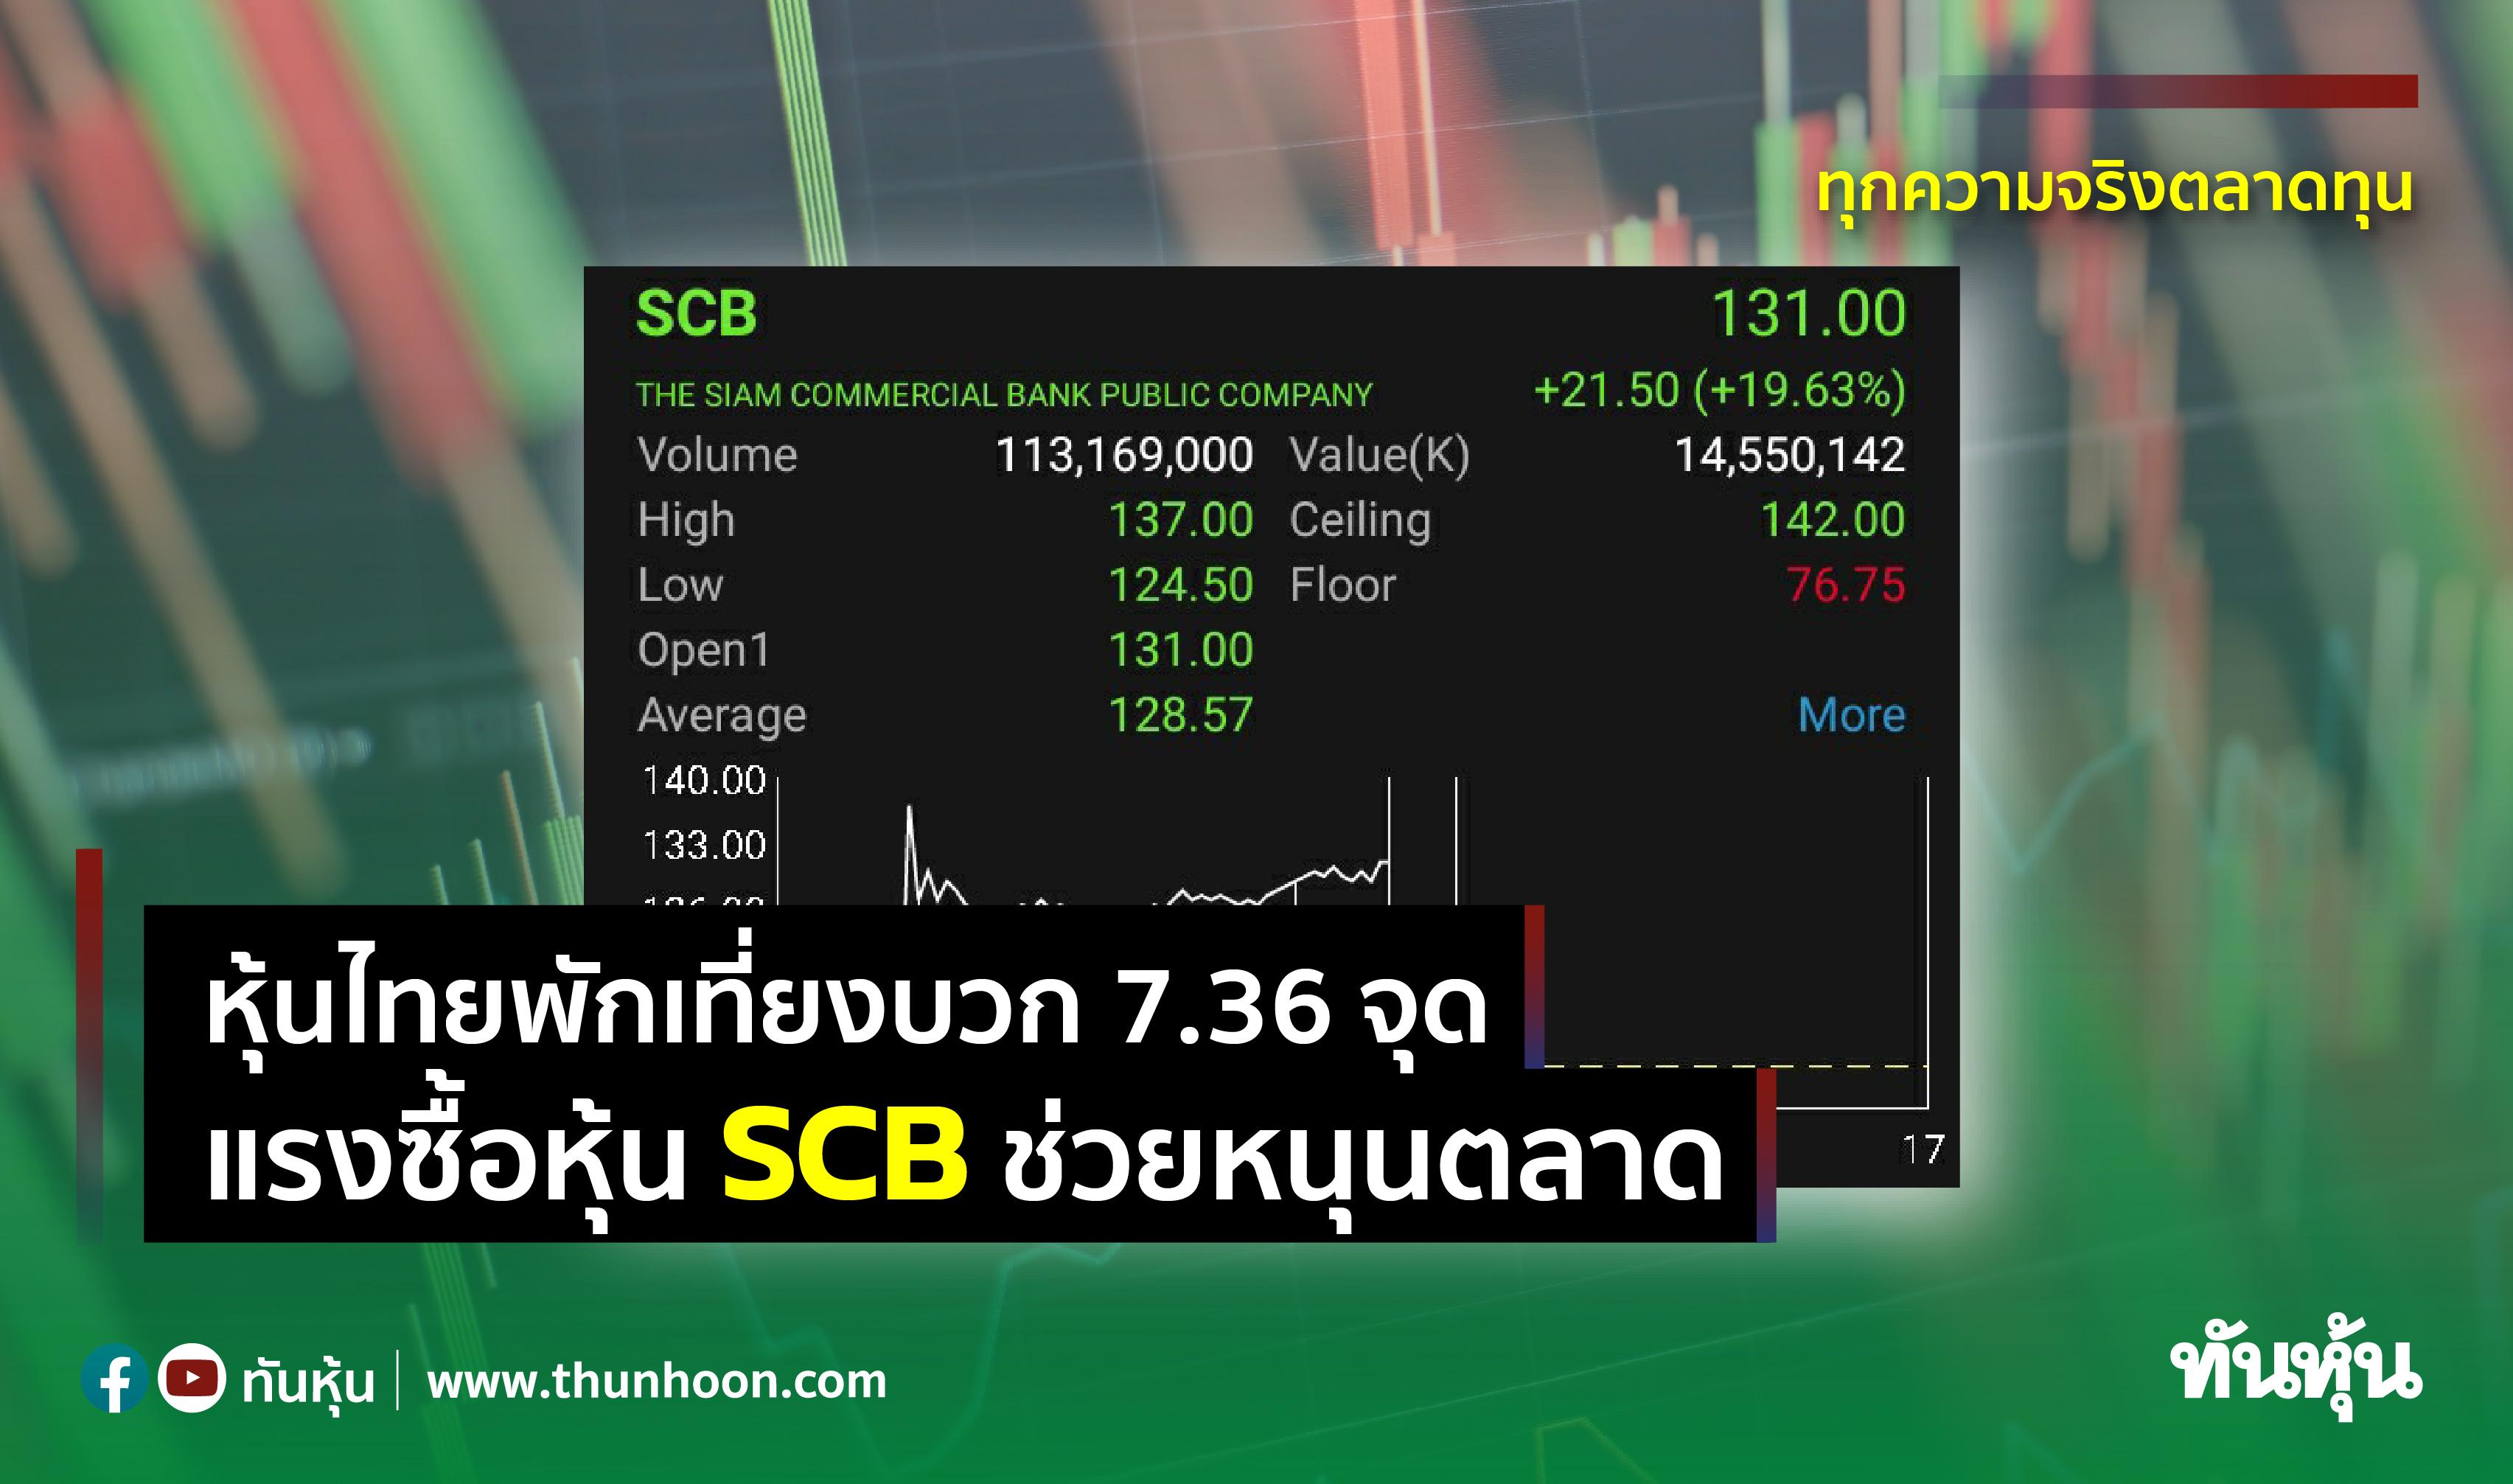 หุ้นไทยพักเที่ยงบวก 7.36 จุด แรงซื้อหุ้น SCB ช่วยหนุนตลาด